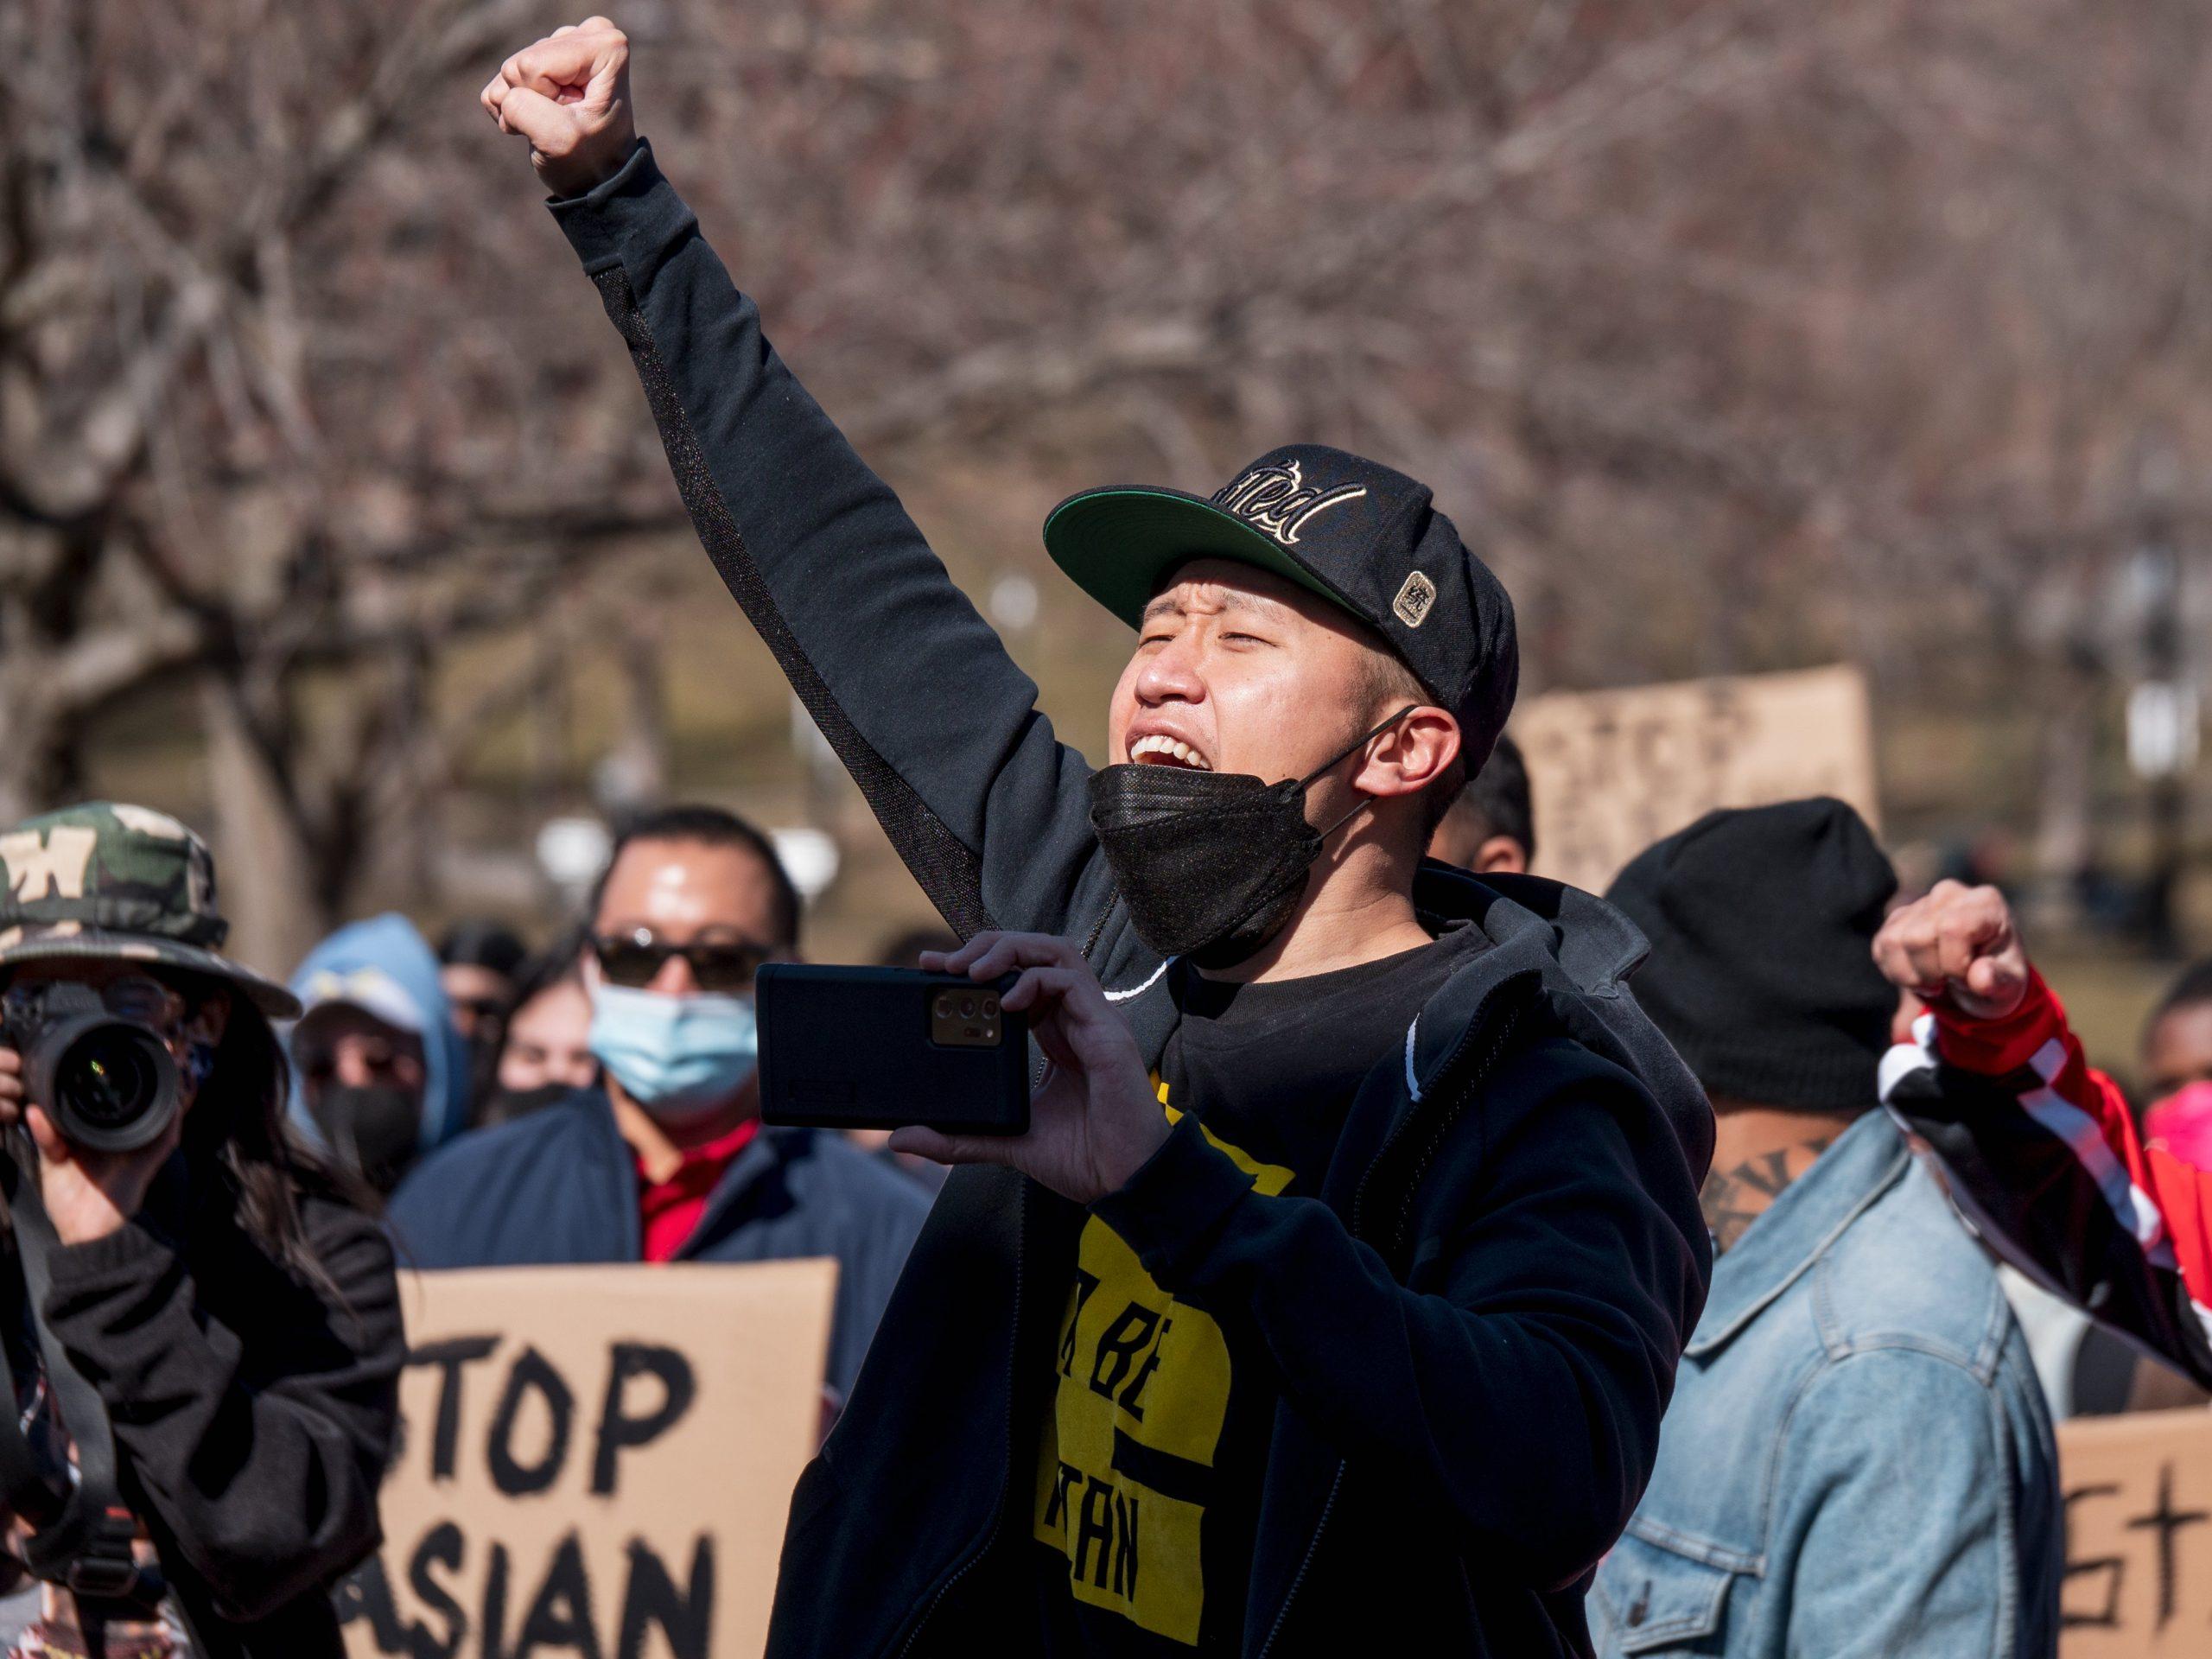 Tiroteo en Atlanta: El racismo contra personas asiáticas en EEUU que resurgió con la pandemia y discursos de Trump